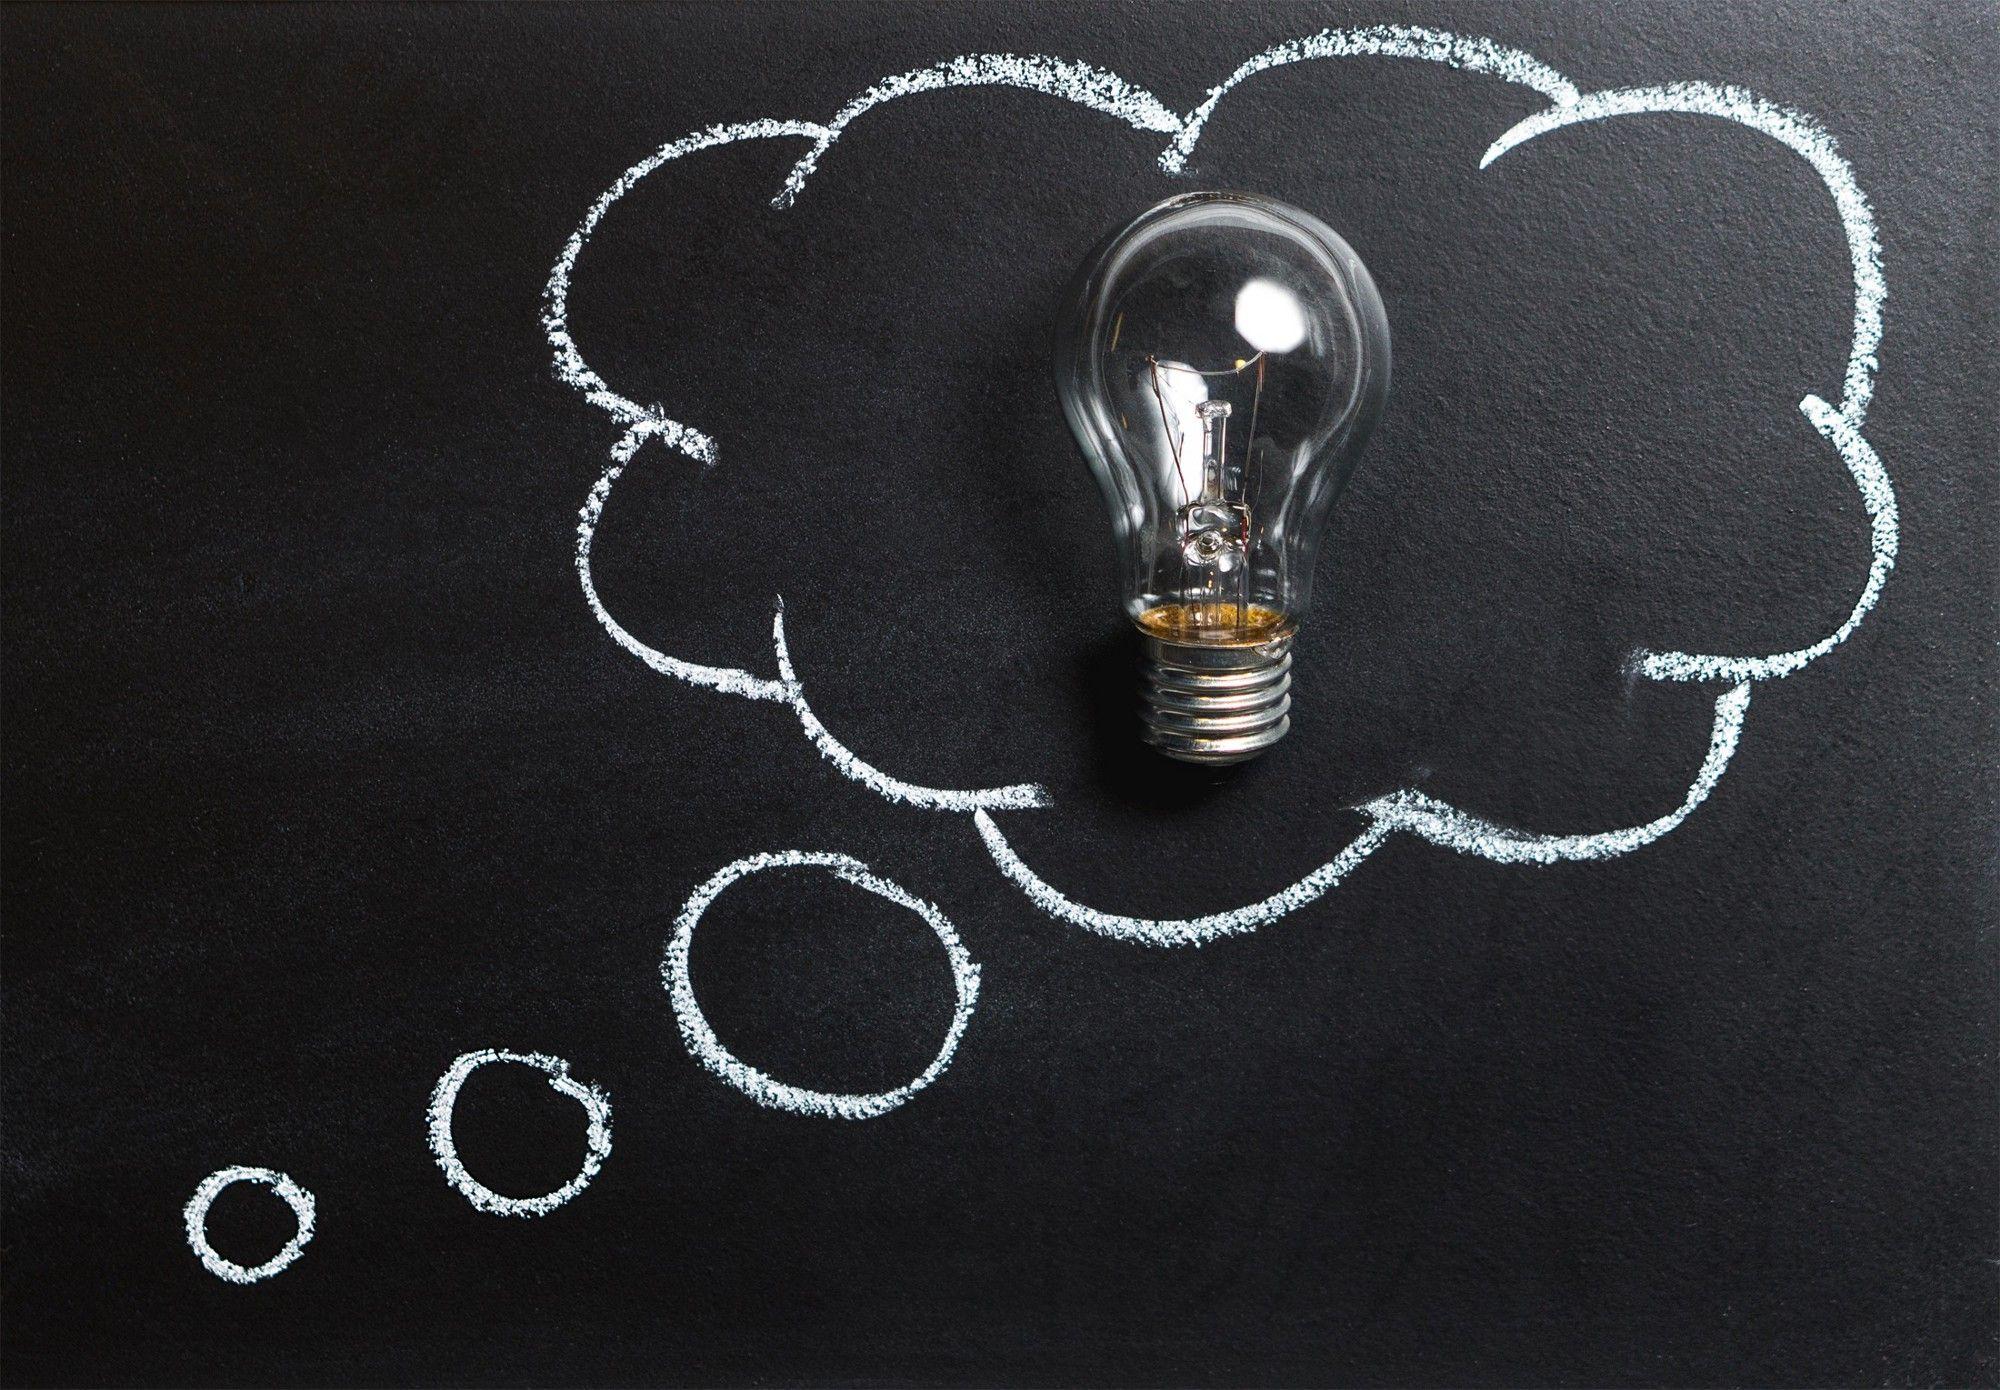 Creative Marketing Untuk Meningkatkan Penjualan